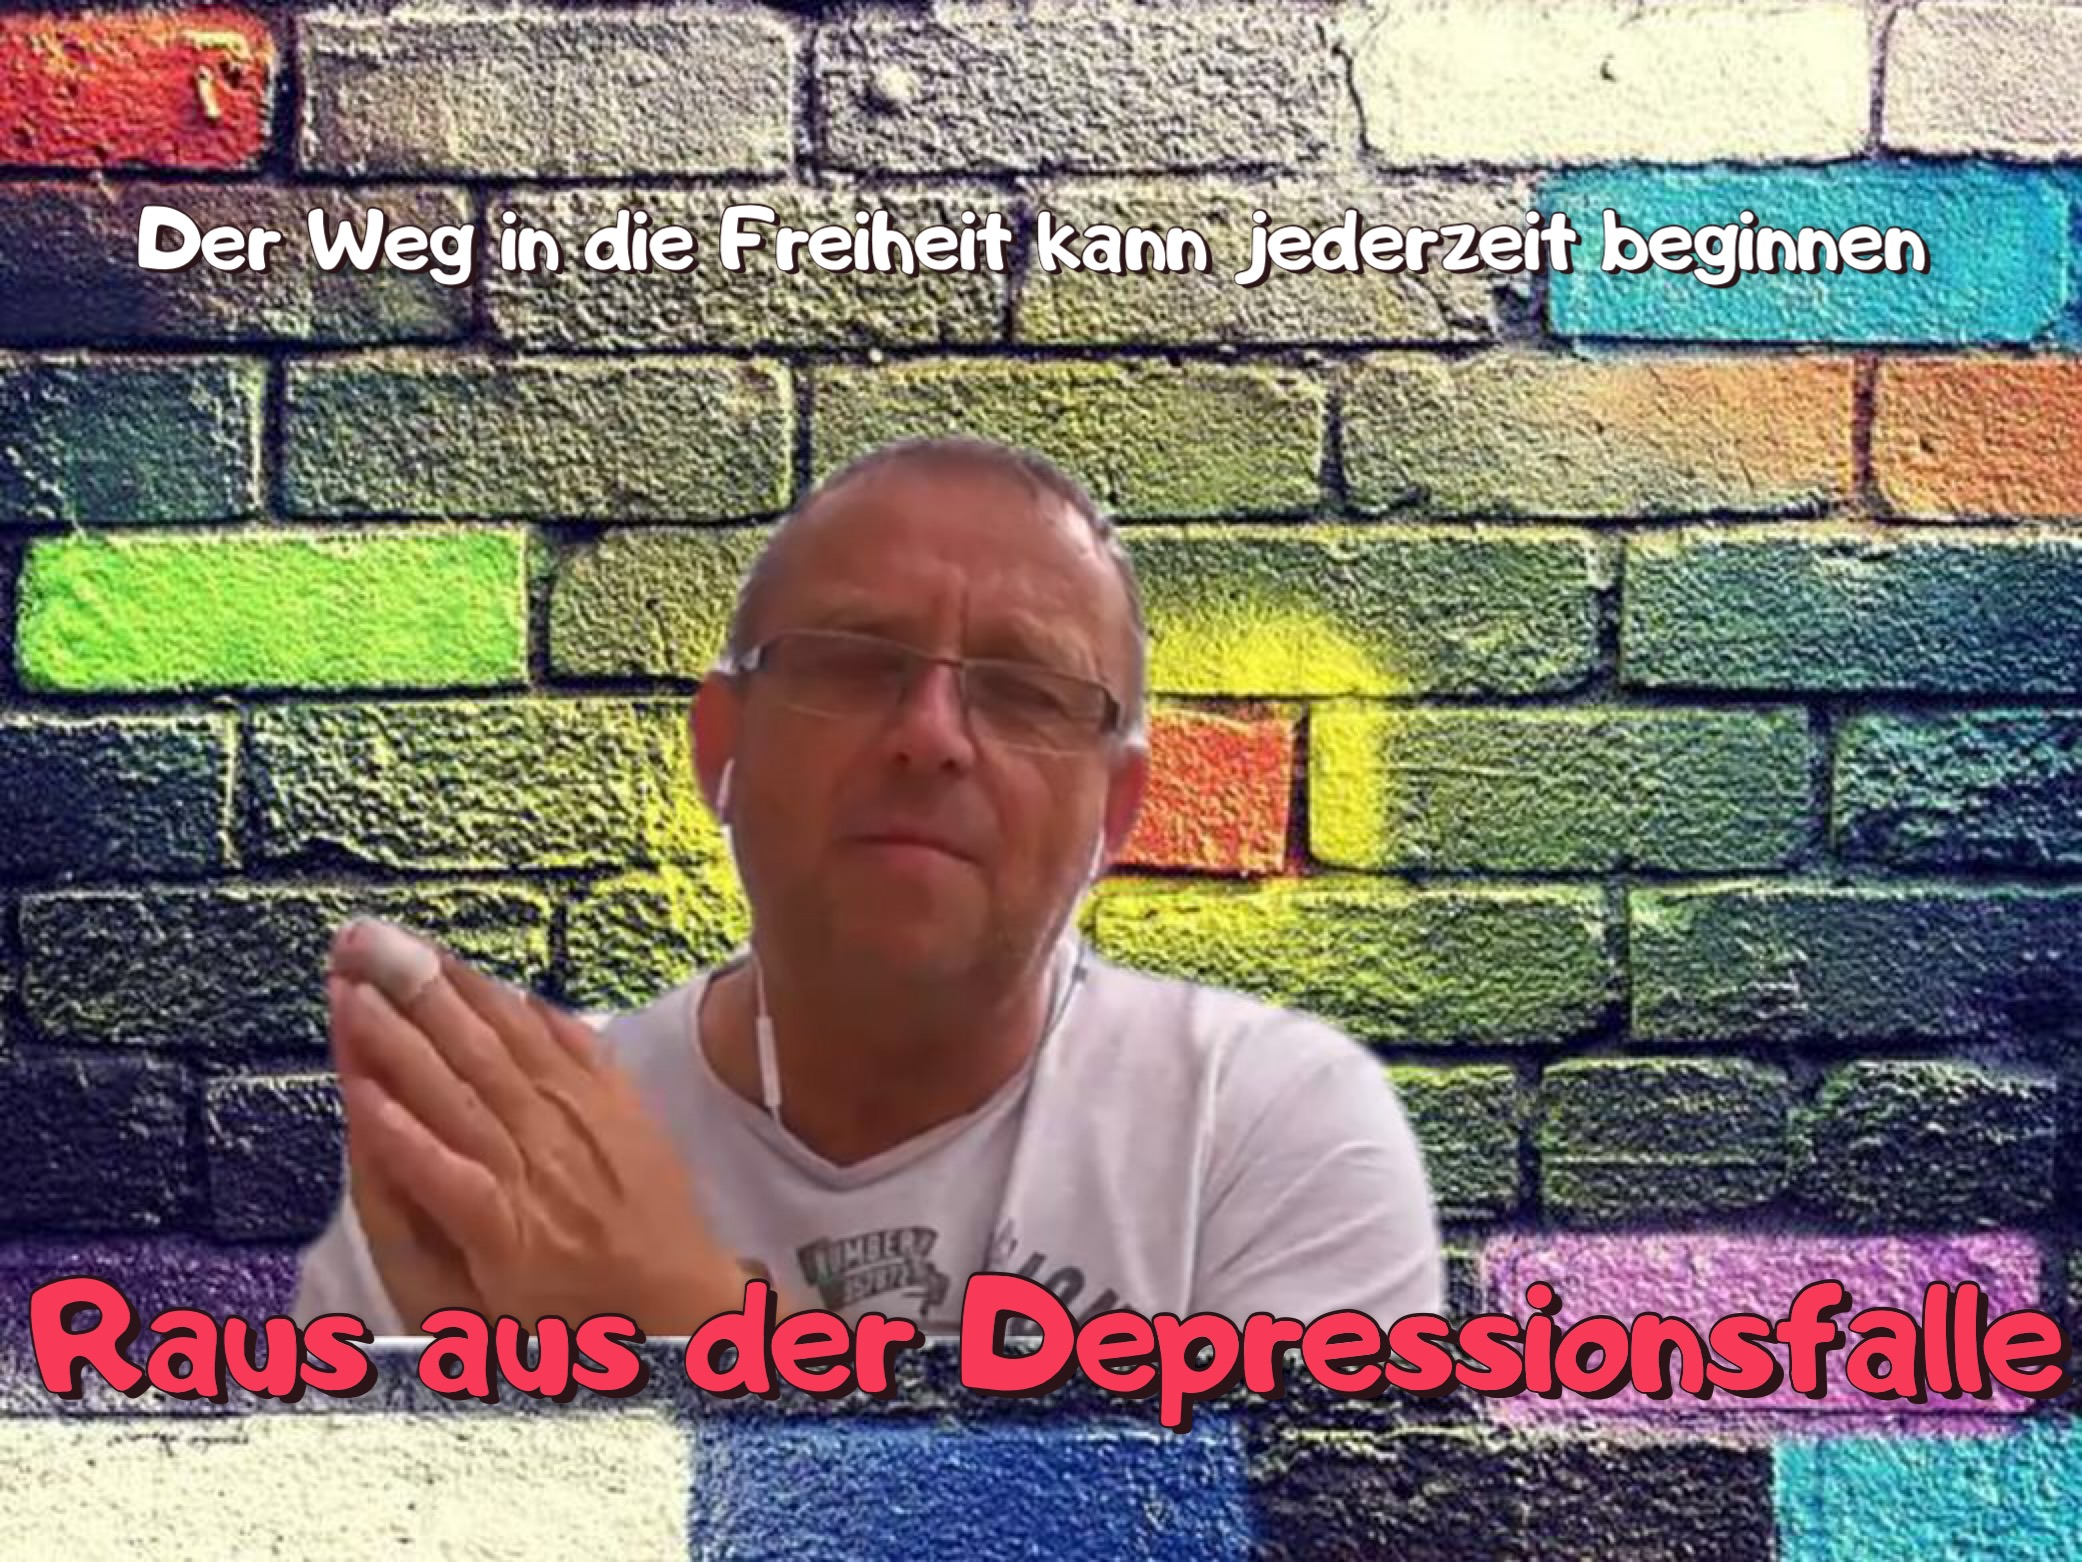 Depressionsfalle, Raus aus der Depressionsfalle